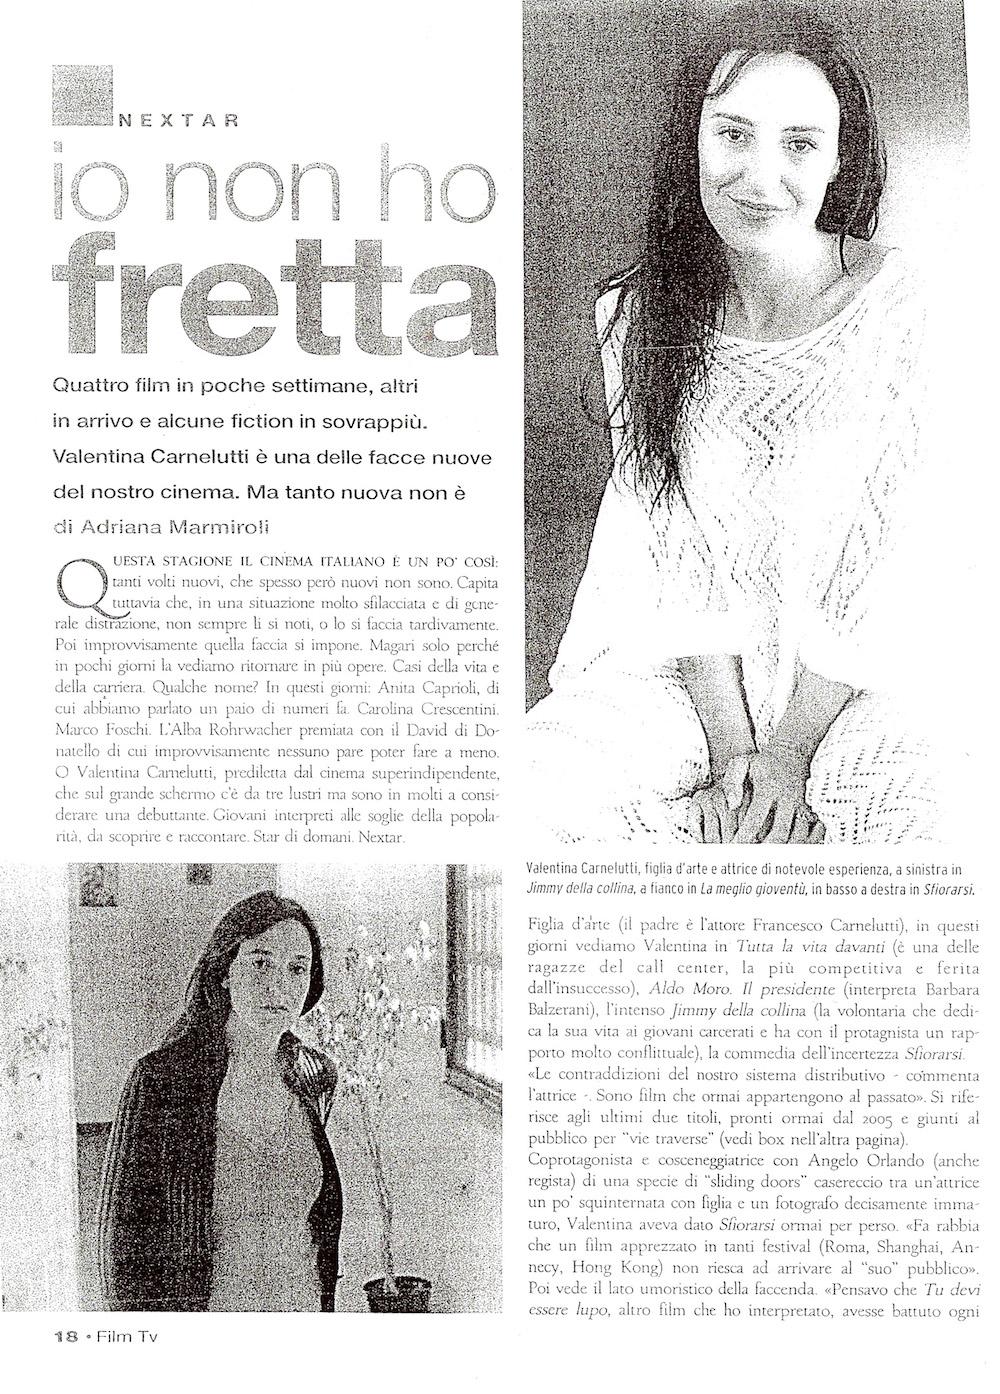 Valentina Carnelutti-film tv 1